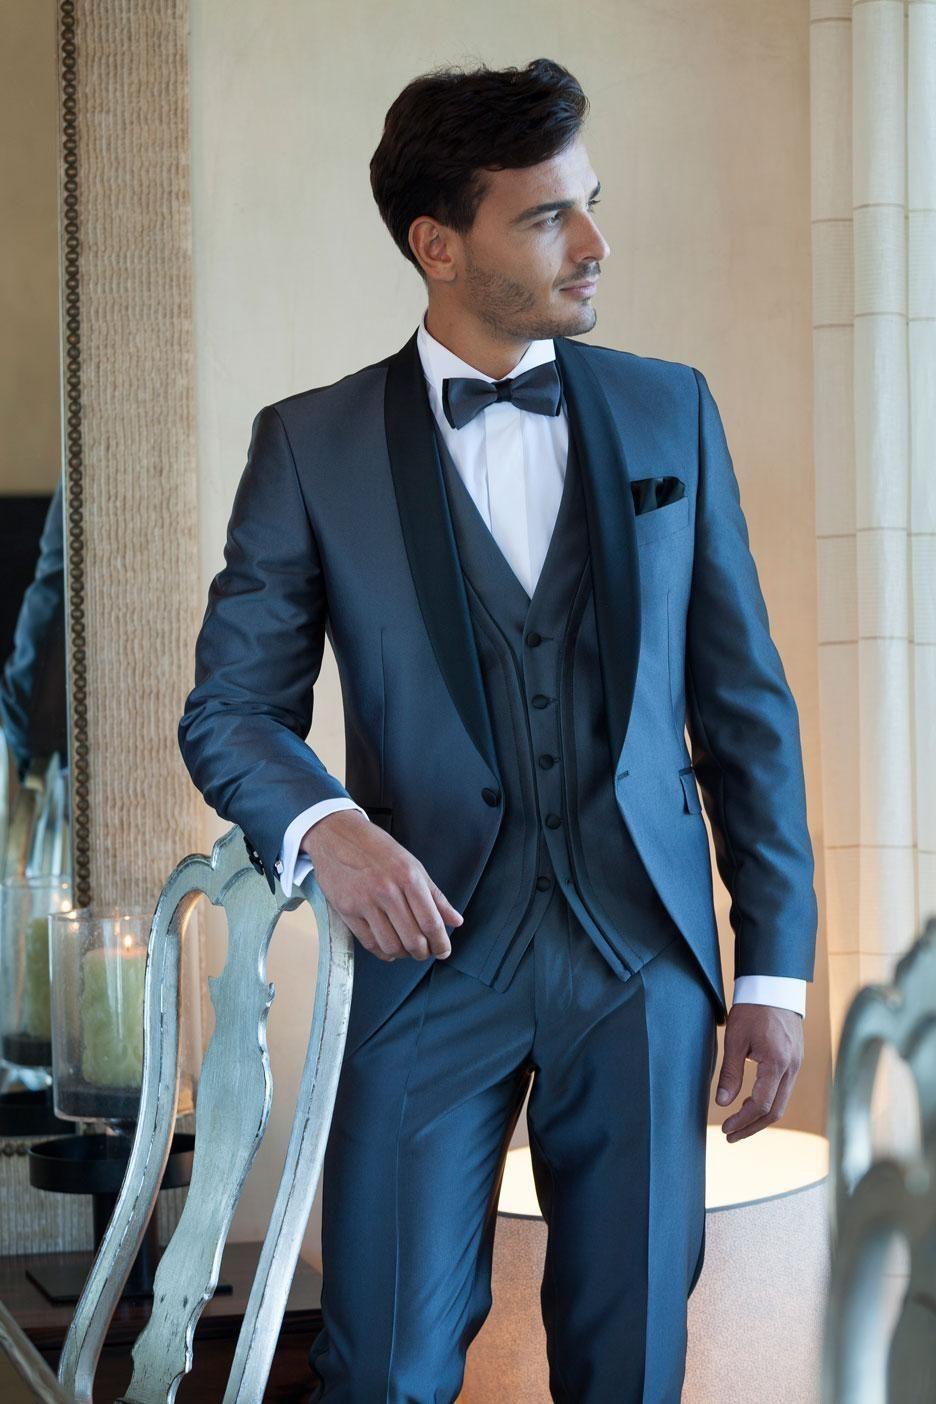 Groom Wear Tuxedos Mens Wedding Suits Tuxedos For Men Tuxedos ...